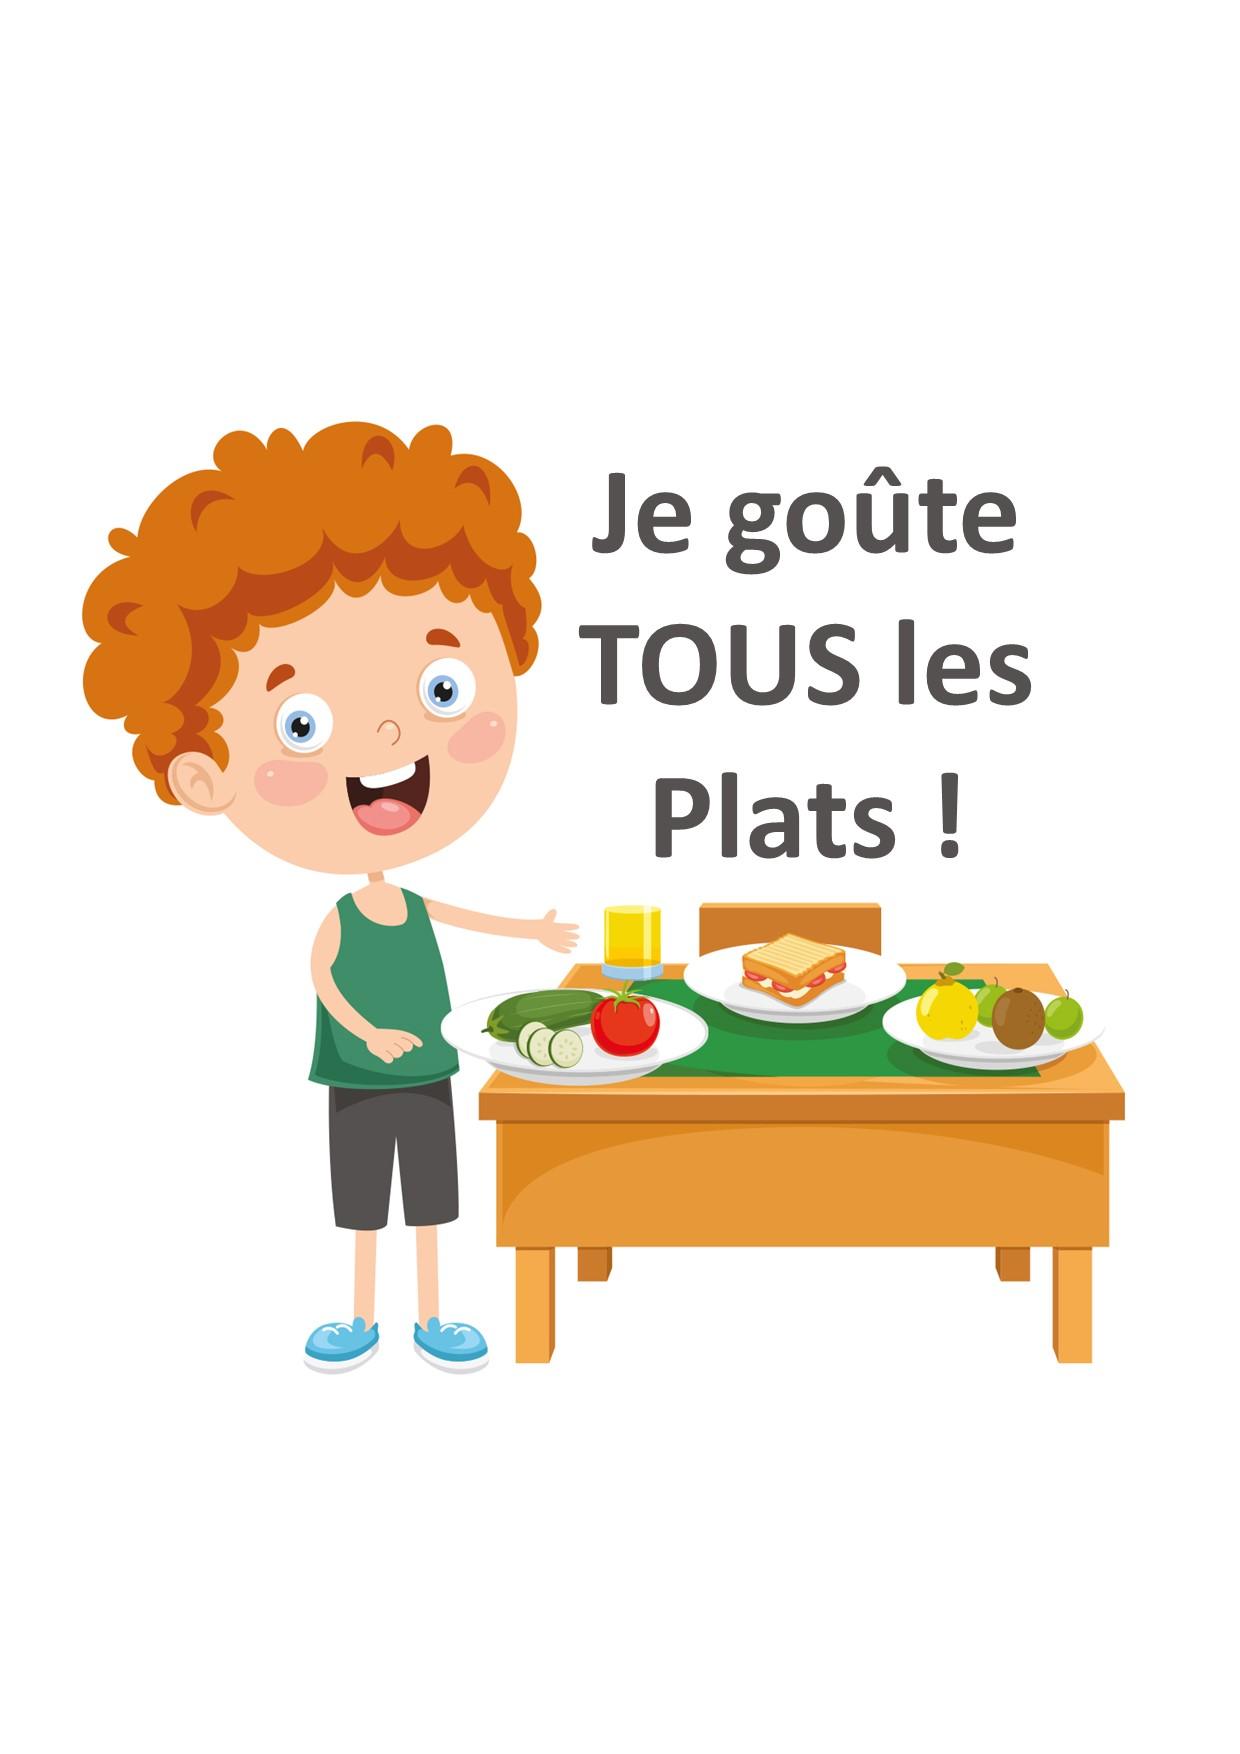 http://www.guillaud-traiteur.com/wp-content/uploads/2012/04/5cimage1.jpg